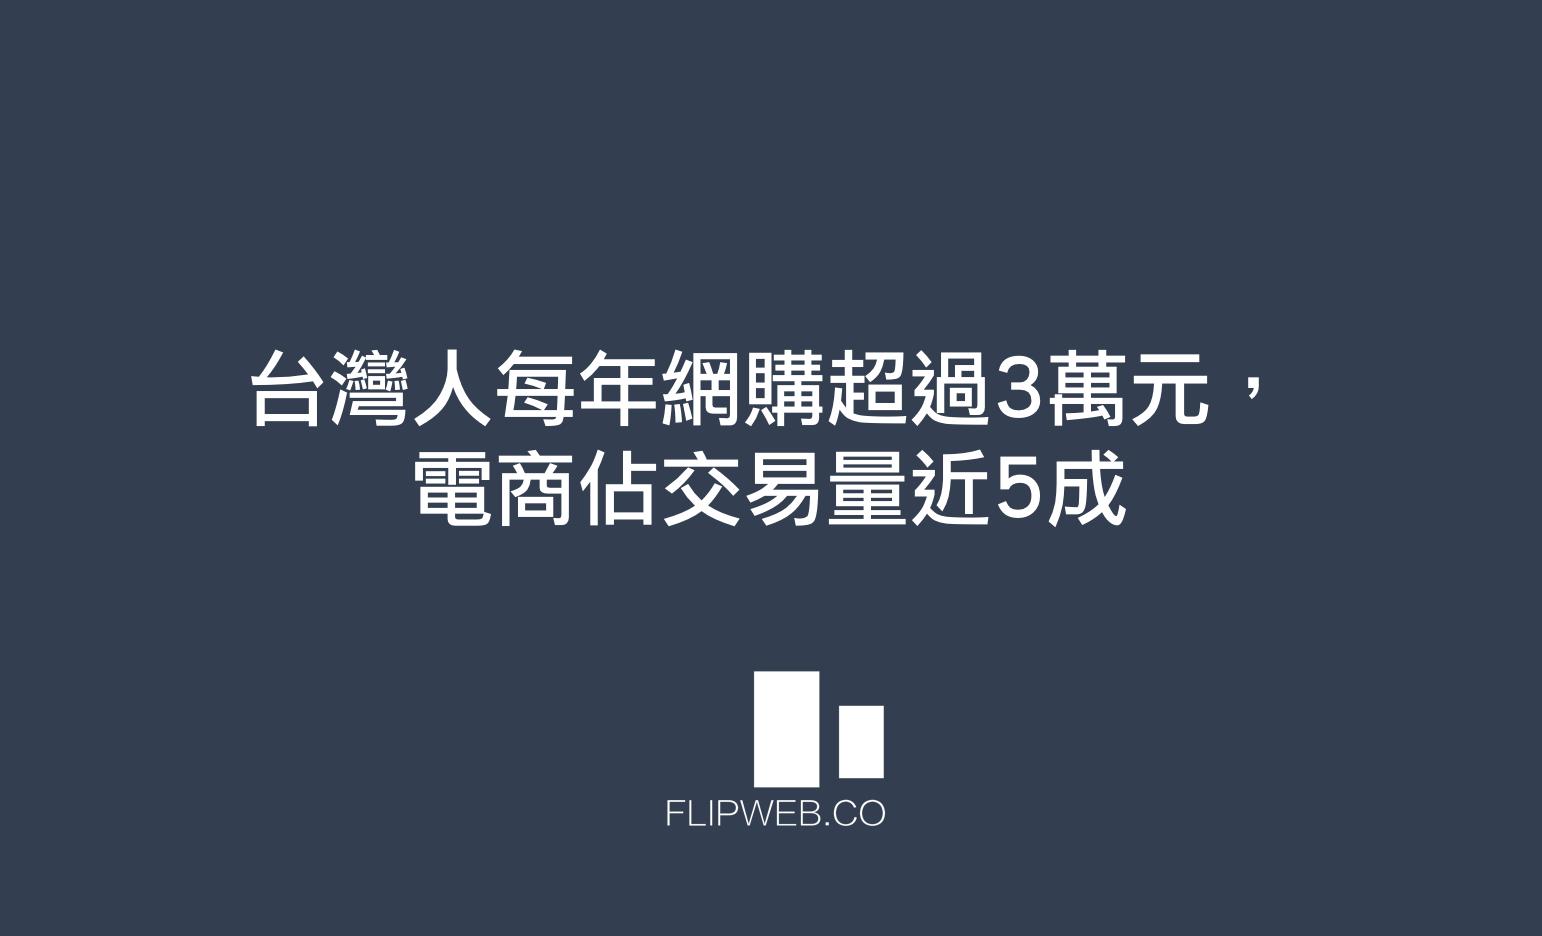 【FlipWeb數位資產仲介】台灣人每年網購超過3萬元,C2C電商佔交易量近5成